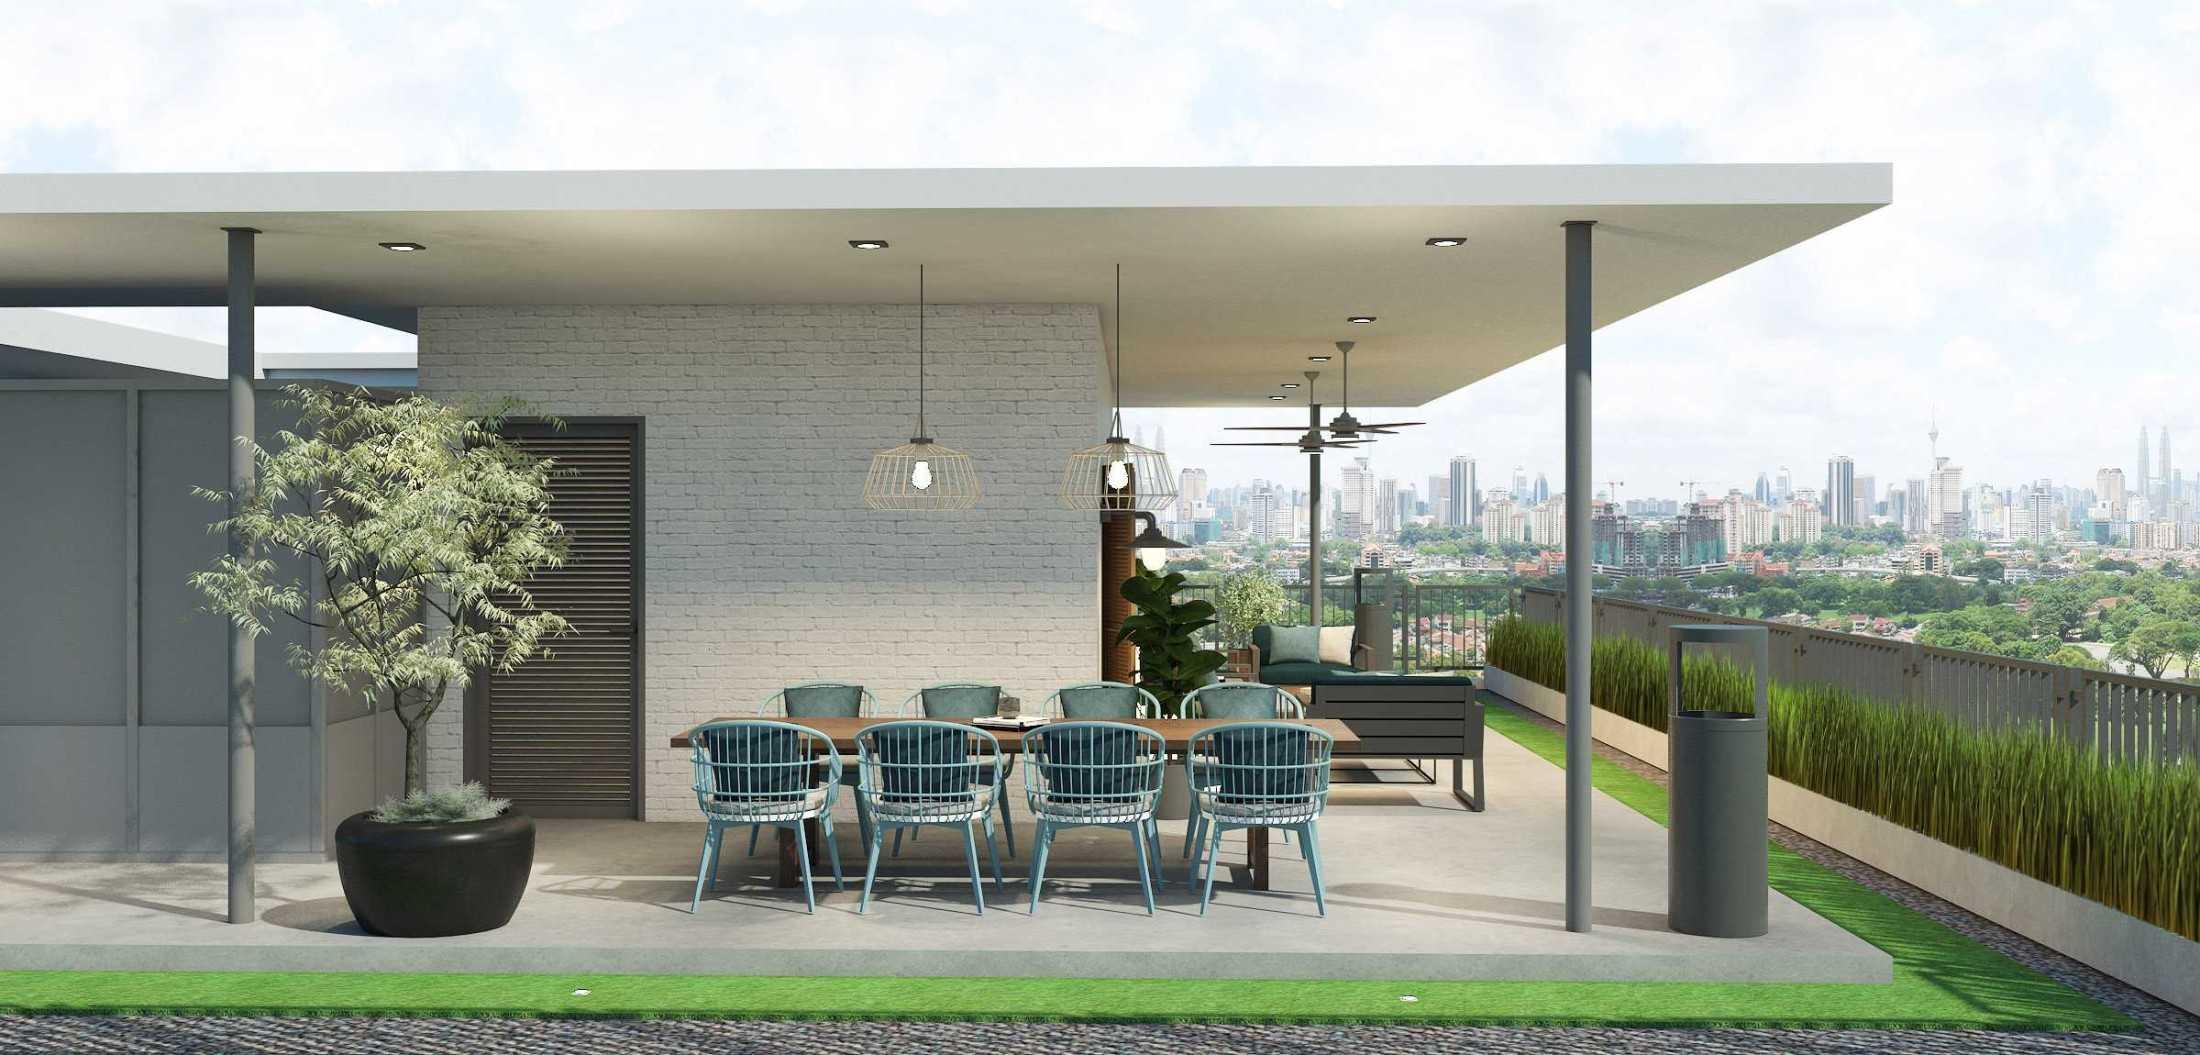 Foto inspirasi ide desain atap industrial Rooftop lounge area oleh Abigail Marcella di Arsitag